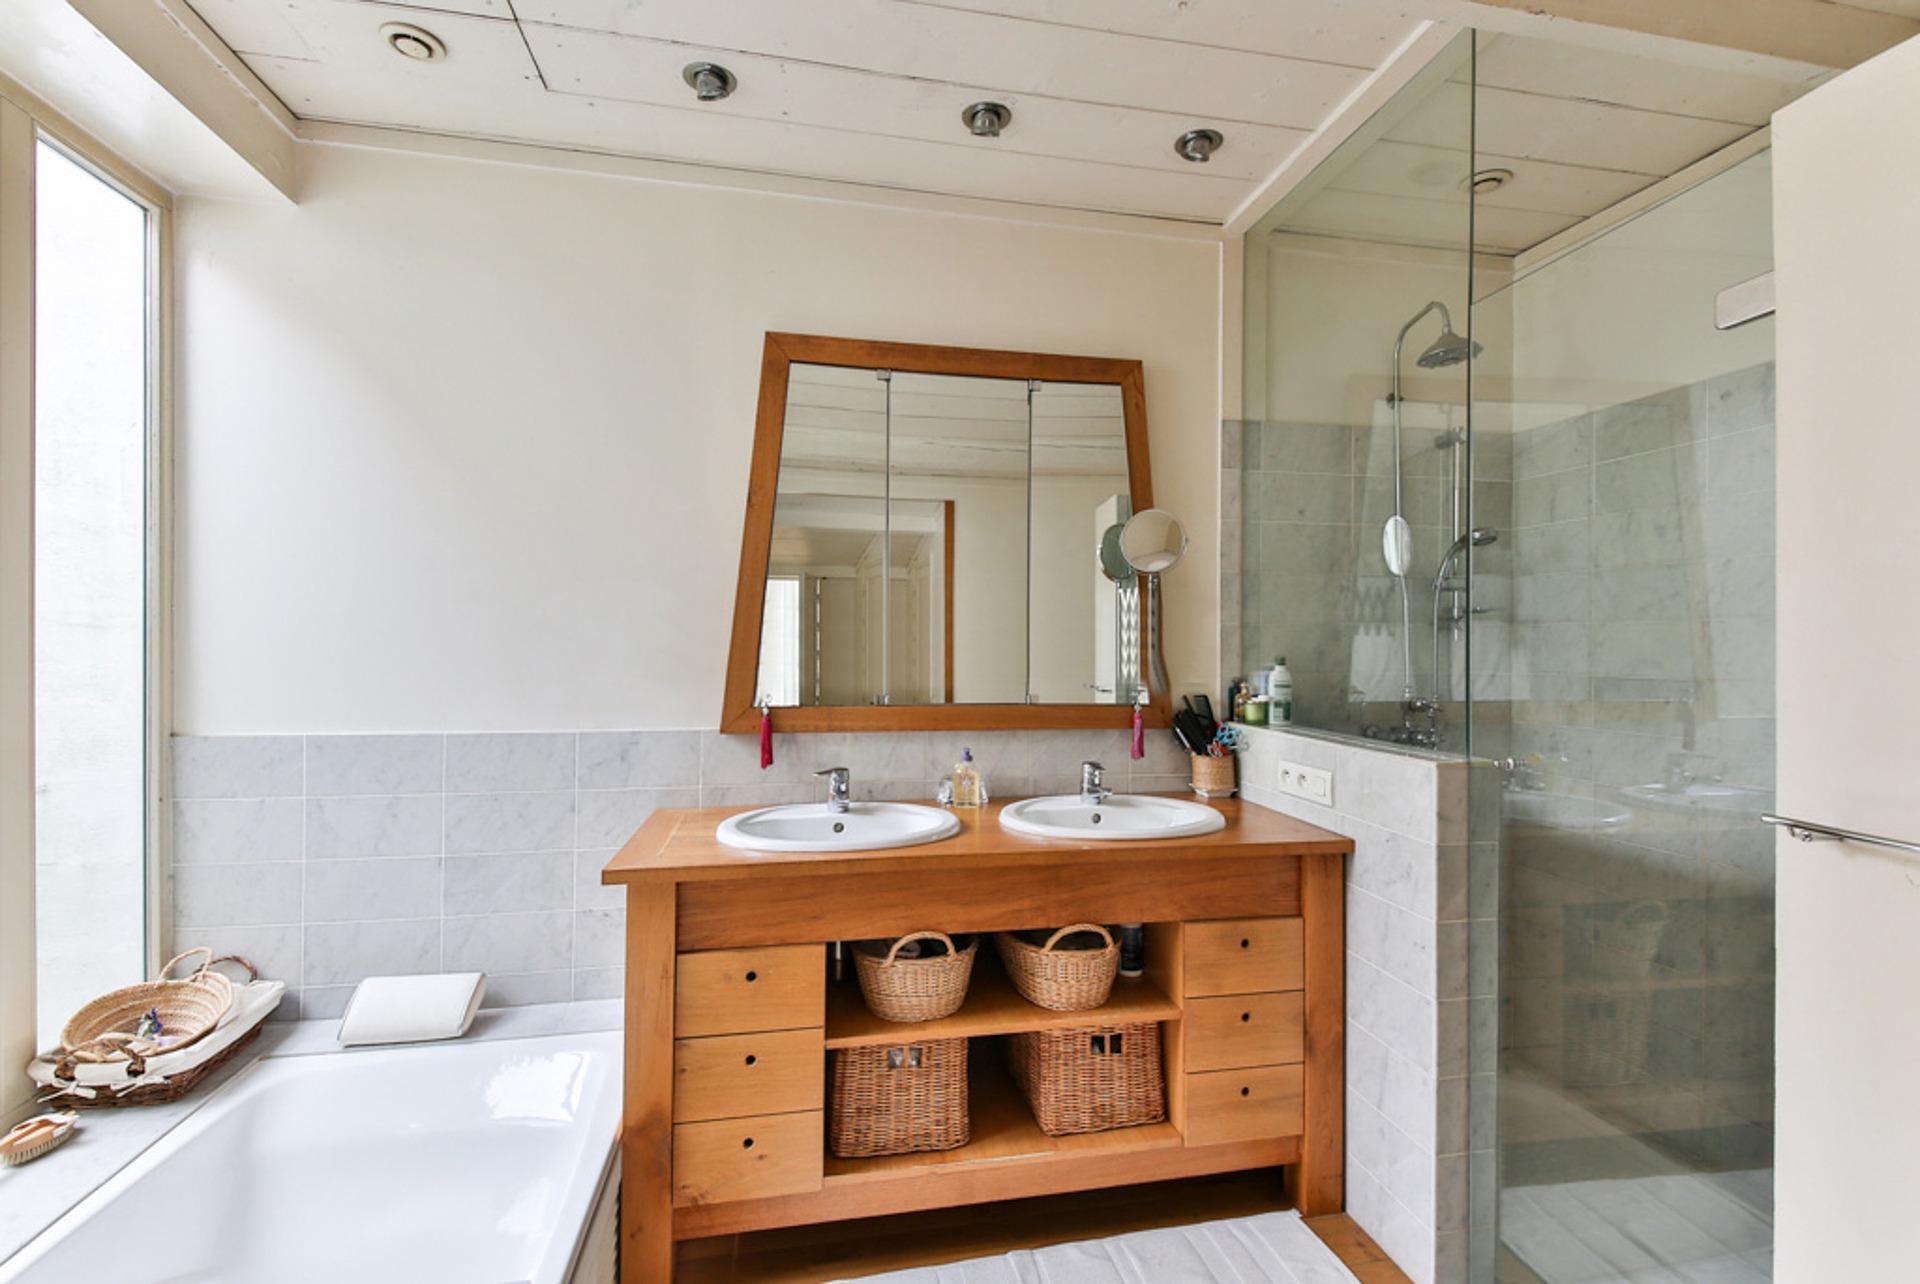 rund um duschen und wannen - perfekte duschen bei alpenberger, Badezimmer ideen